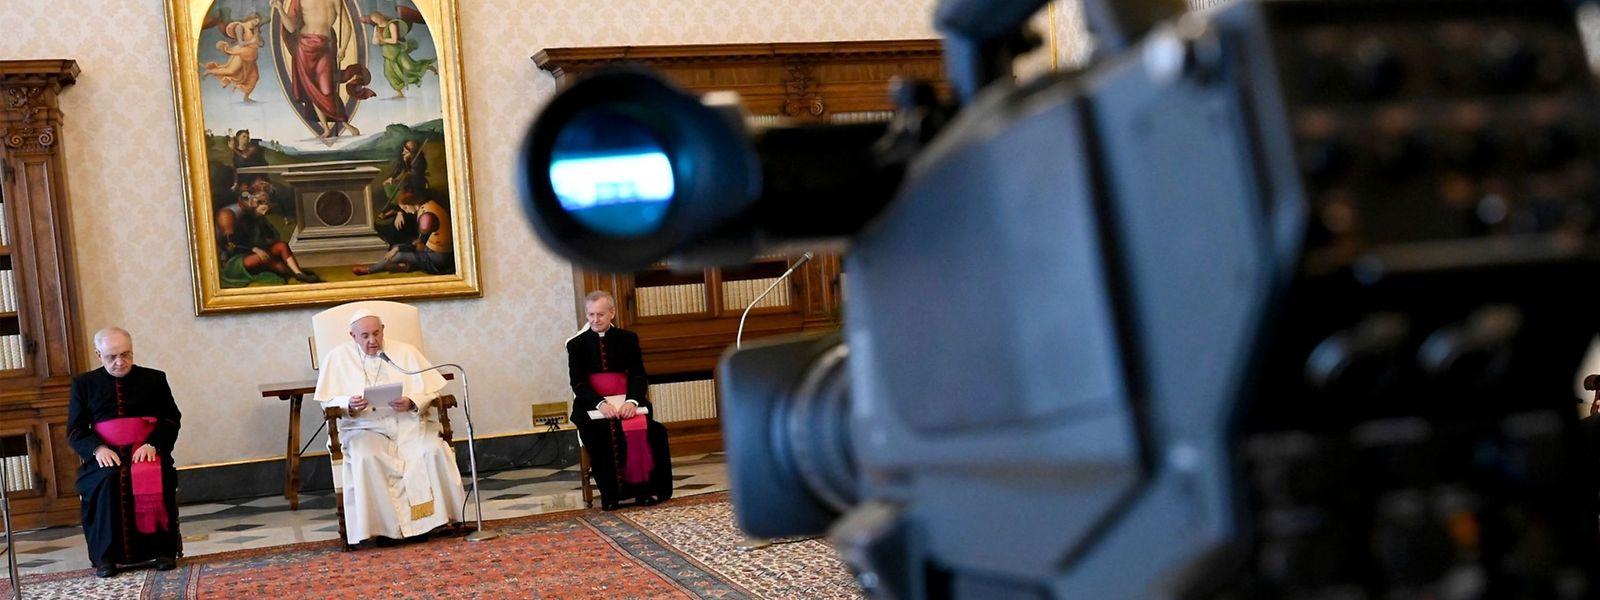 Le pape François s'est habitué à célébrer des offices ou adresser des messages loin des foules.